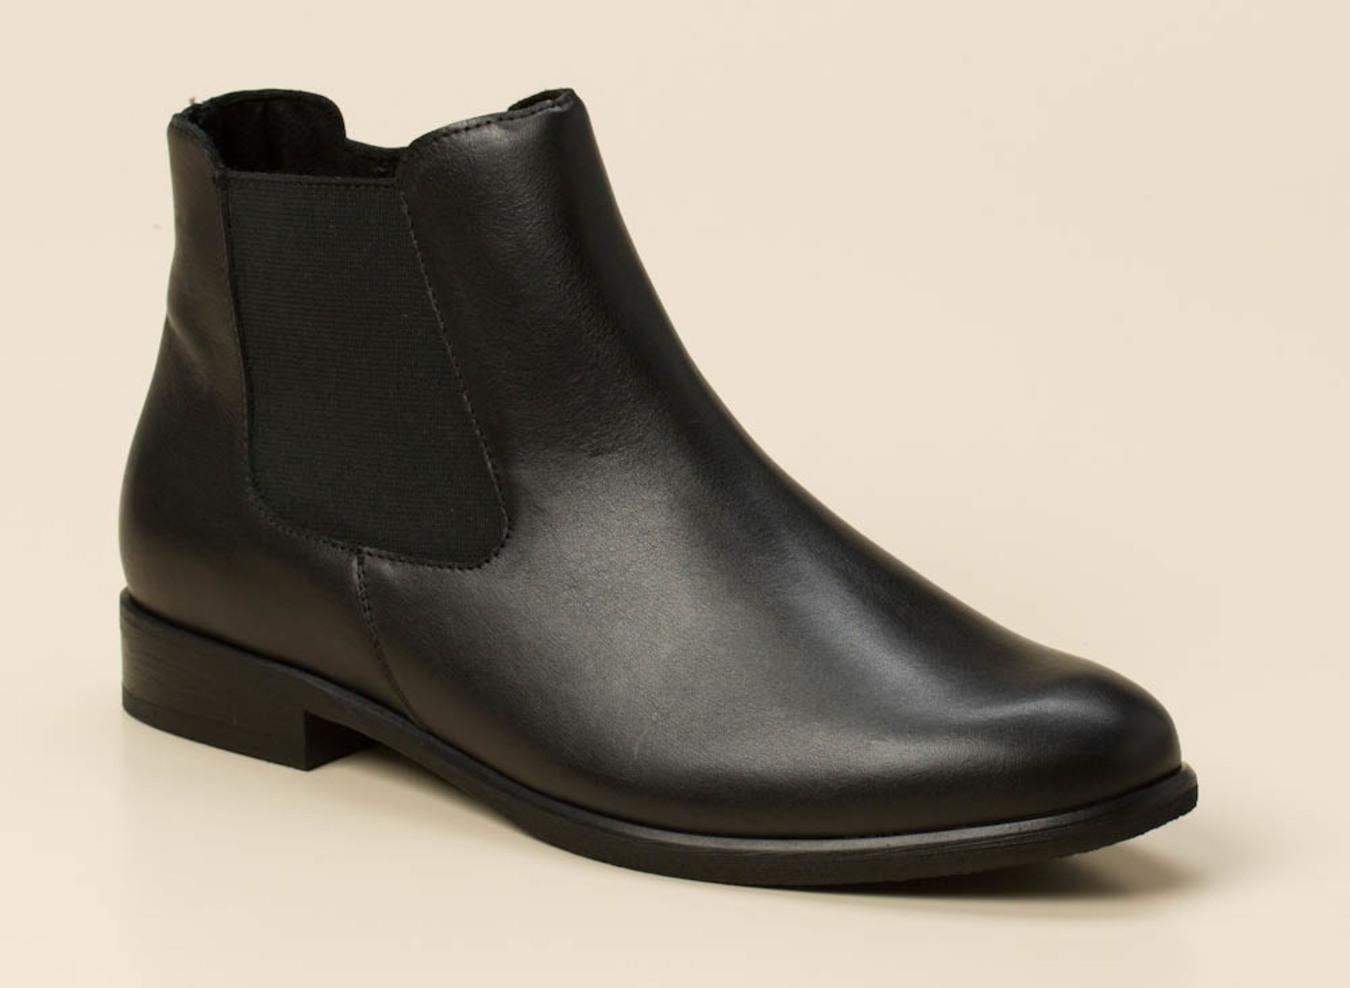 promo code b9a97 df18d Semler Stiefeletten Stiefeletten Schuhe Semler Schuhe ...